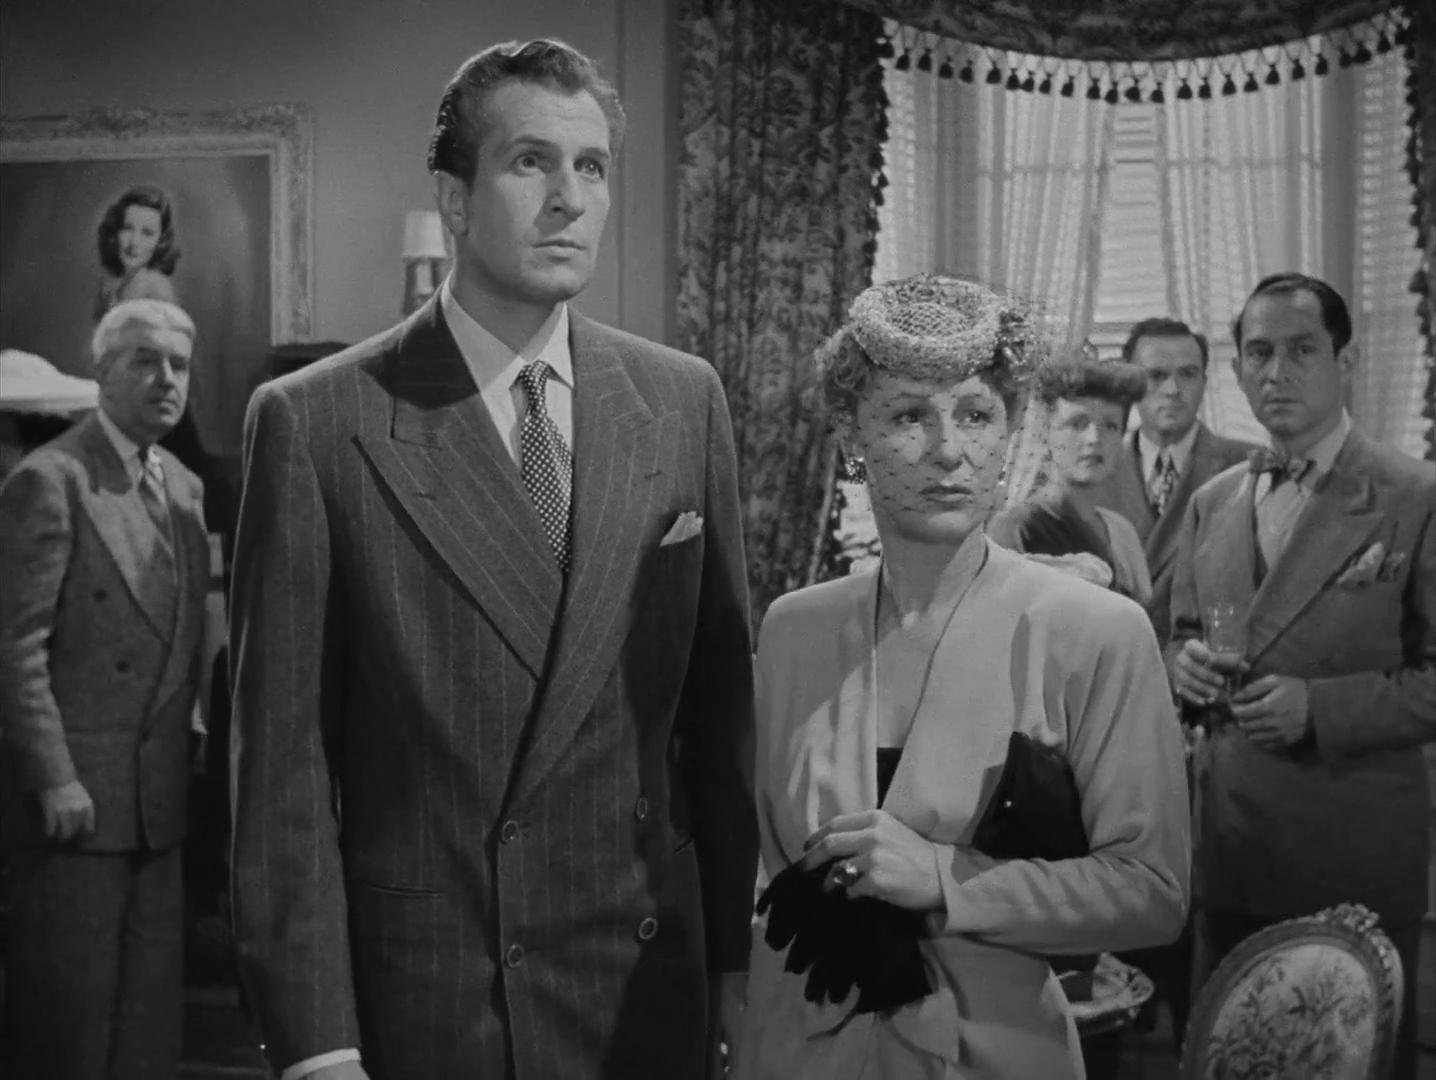 Vincent Price et Judith Anderson dans le film noir Laura (1944) d'Otto Preminger